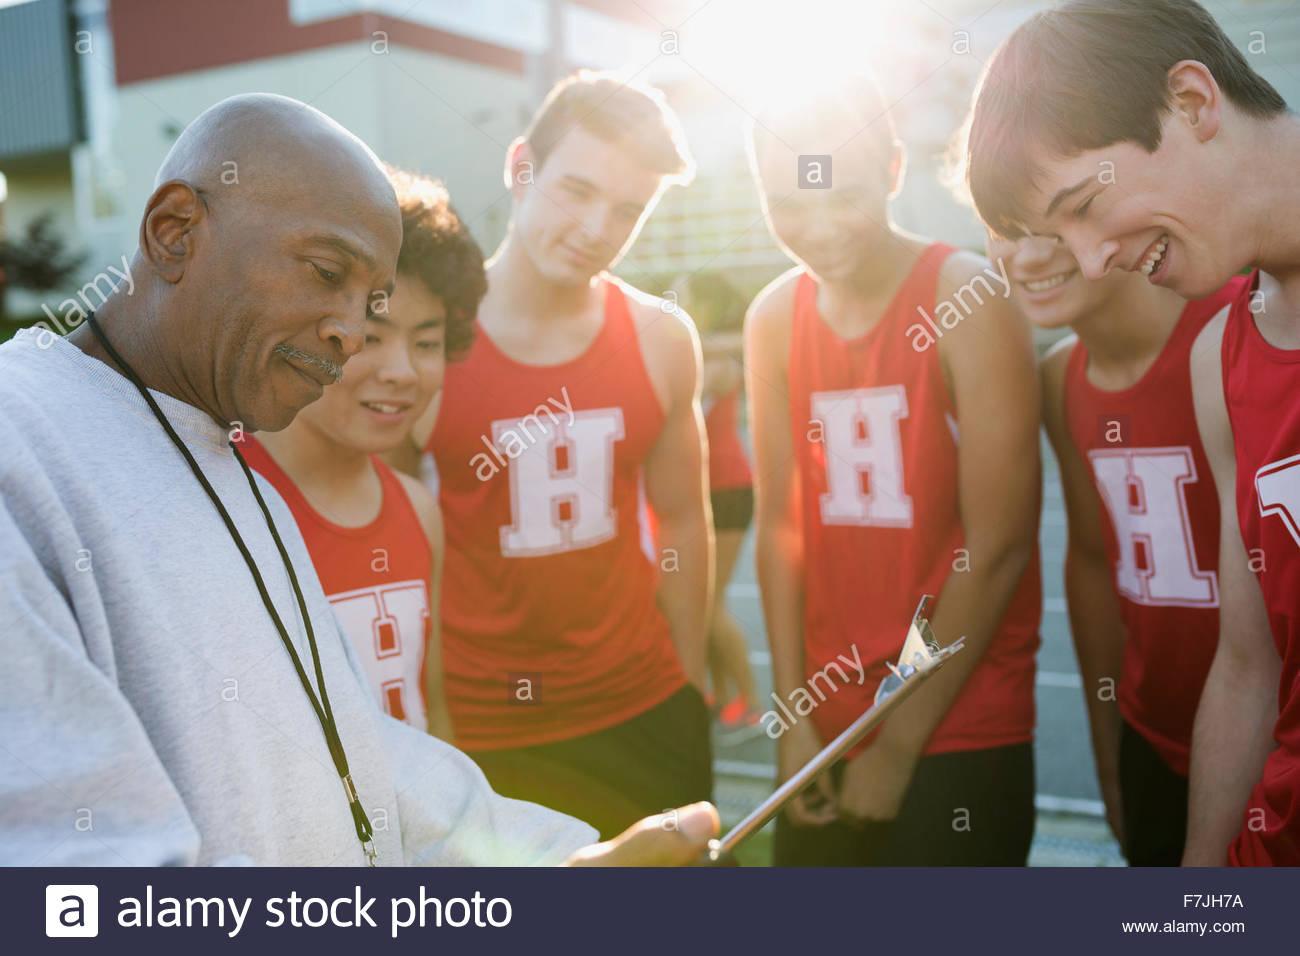 Entrenador con el portapapeles hablando con atletas de secundaria Imagen De Stock